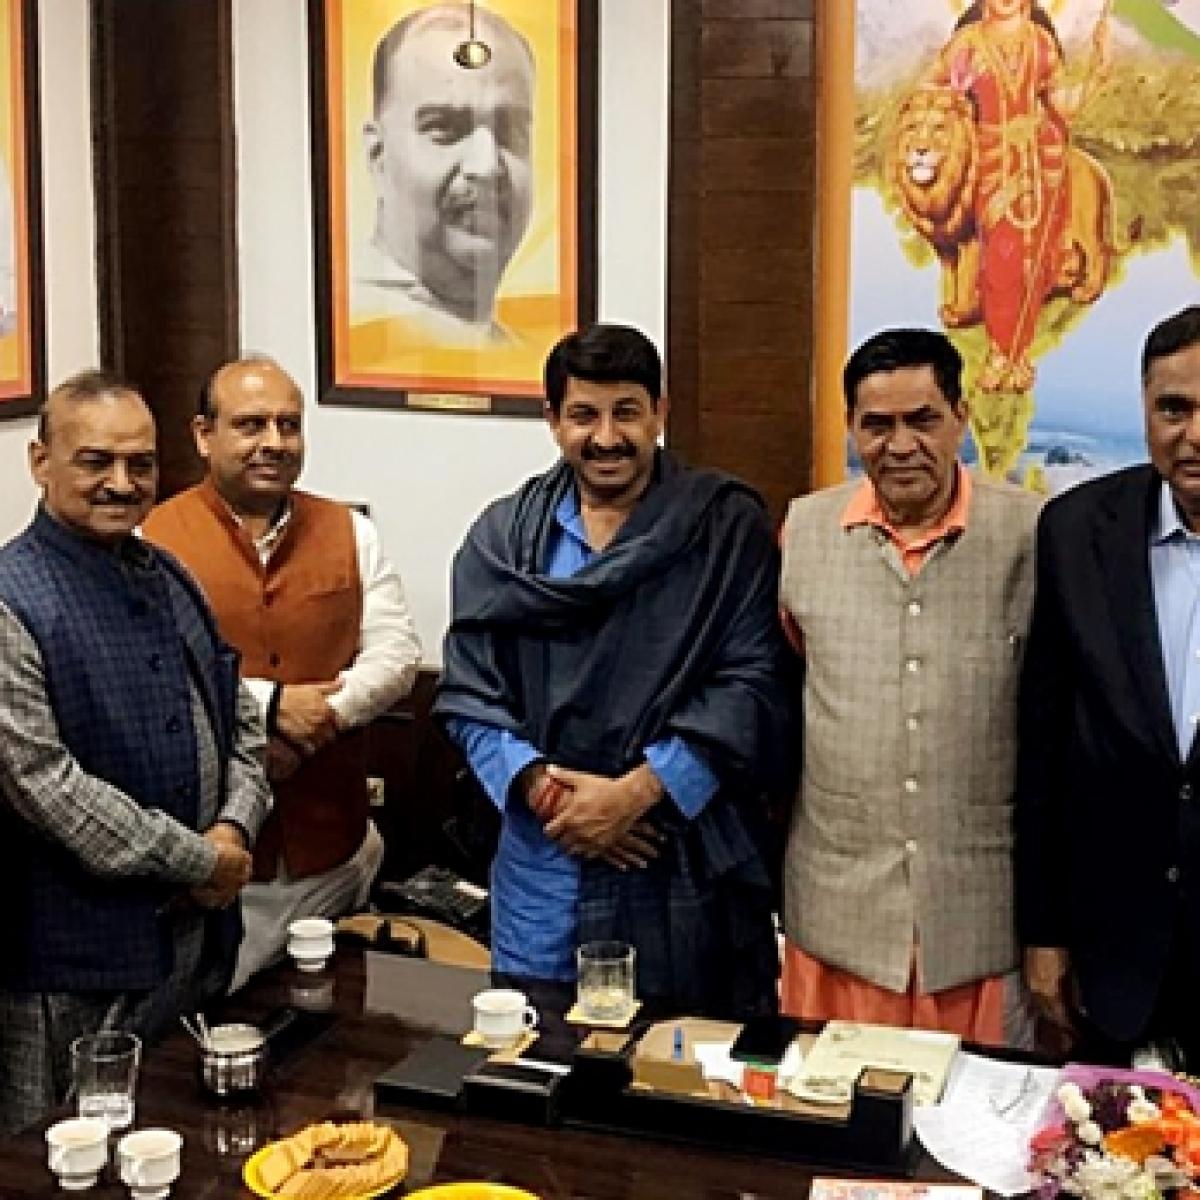 BJPcampaign suffered a lack of decorum